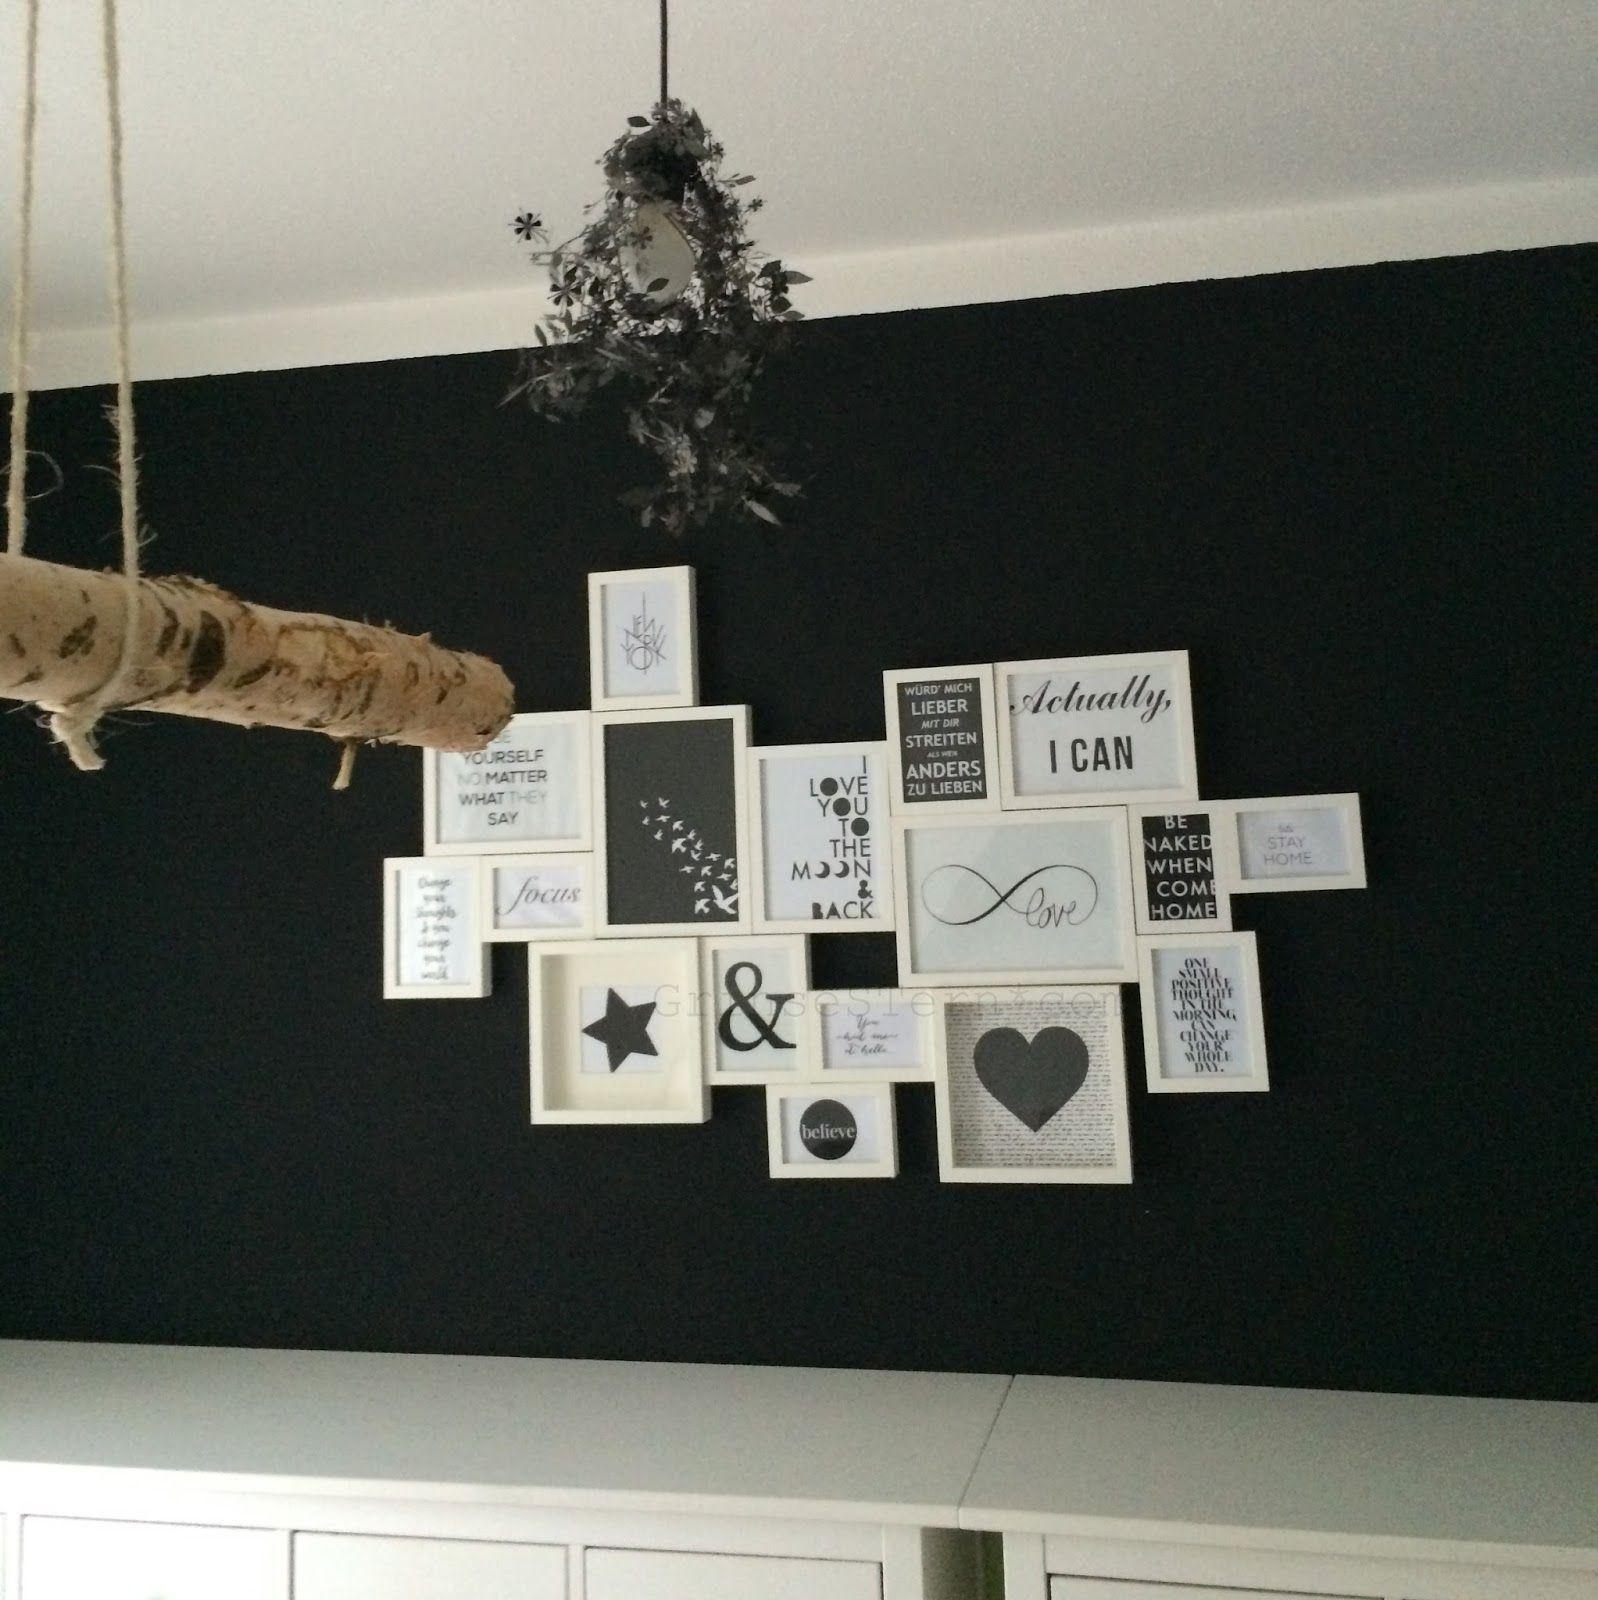 die besten 25 bilder schlafzimmer ideen auf pinterest schlafzimmer poster bilder f r. Black Bedroom Furniture Sets. Home Design Ideas